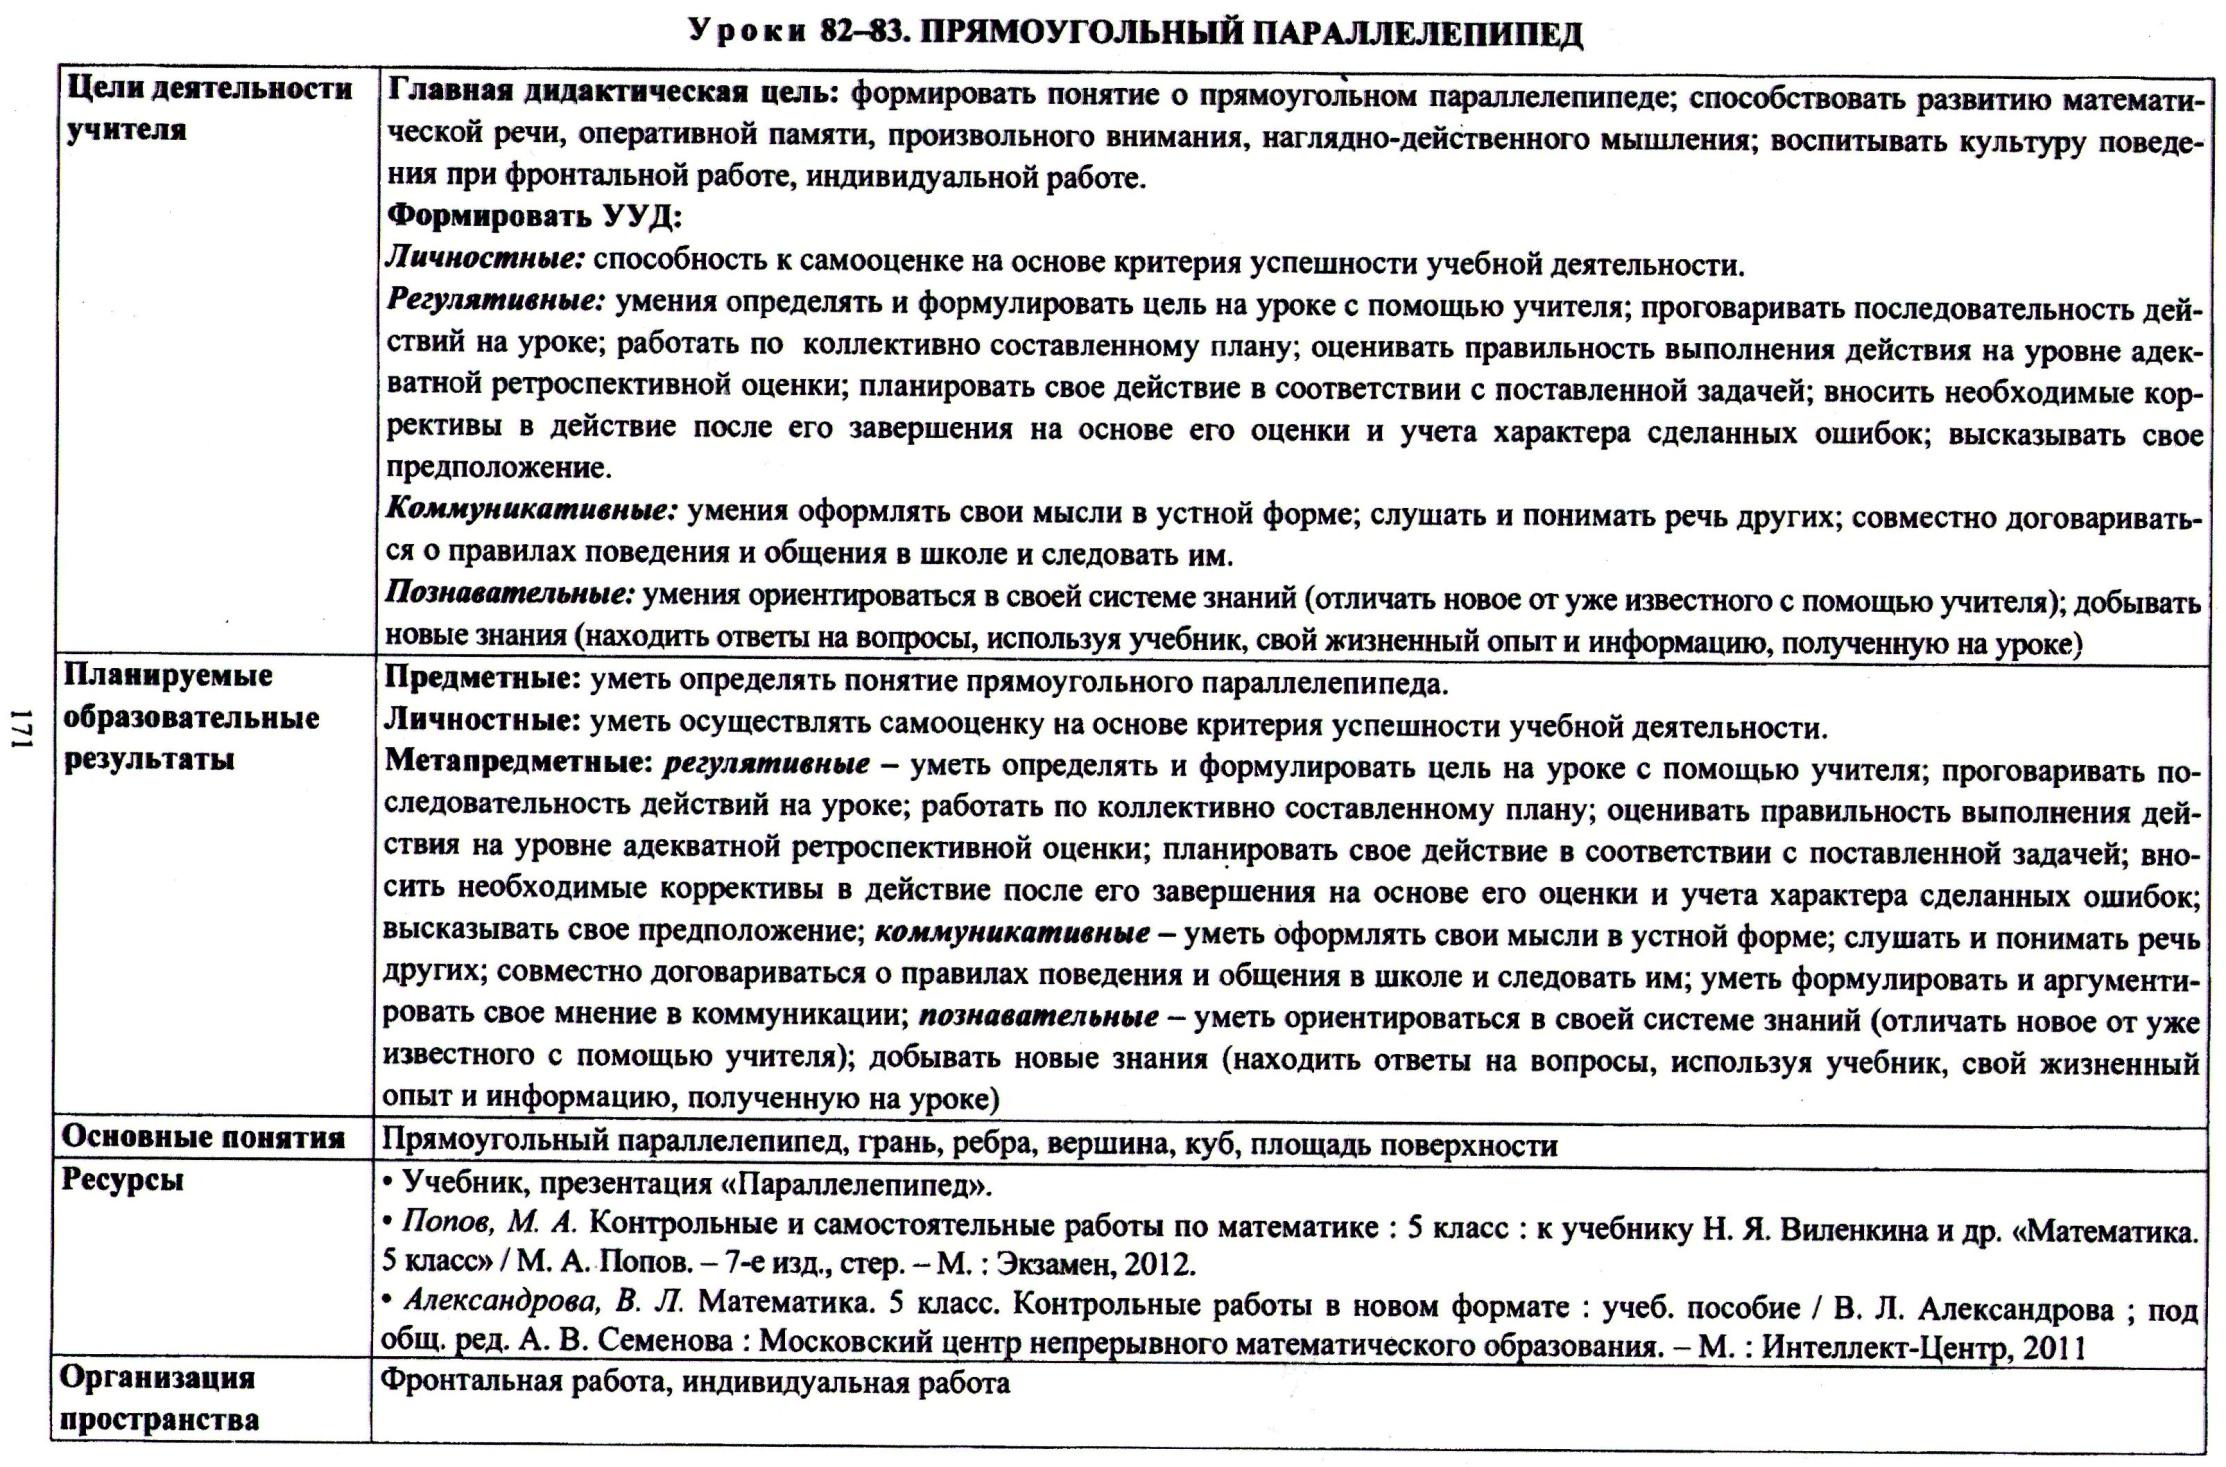 C:\Documents and Settings\Admin\Мои документы\Мои рисунки\img003.jpg